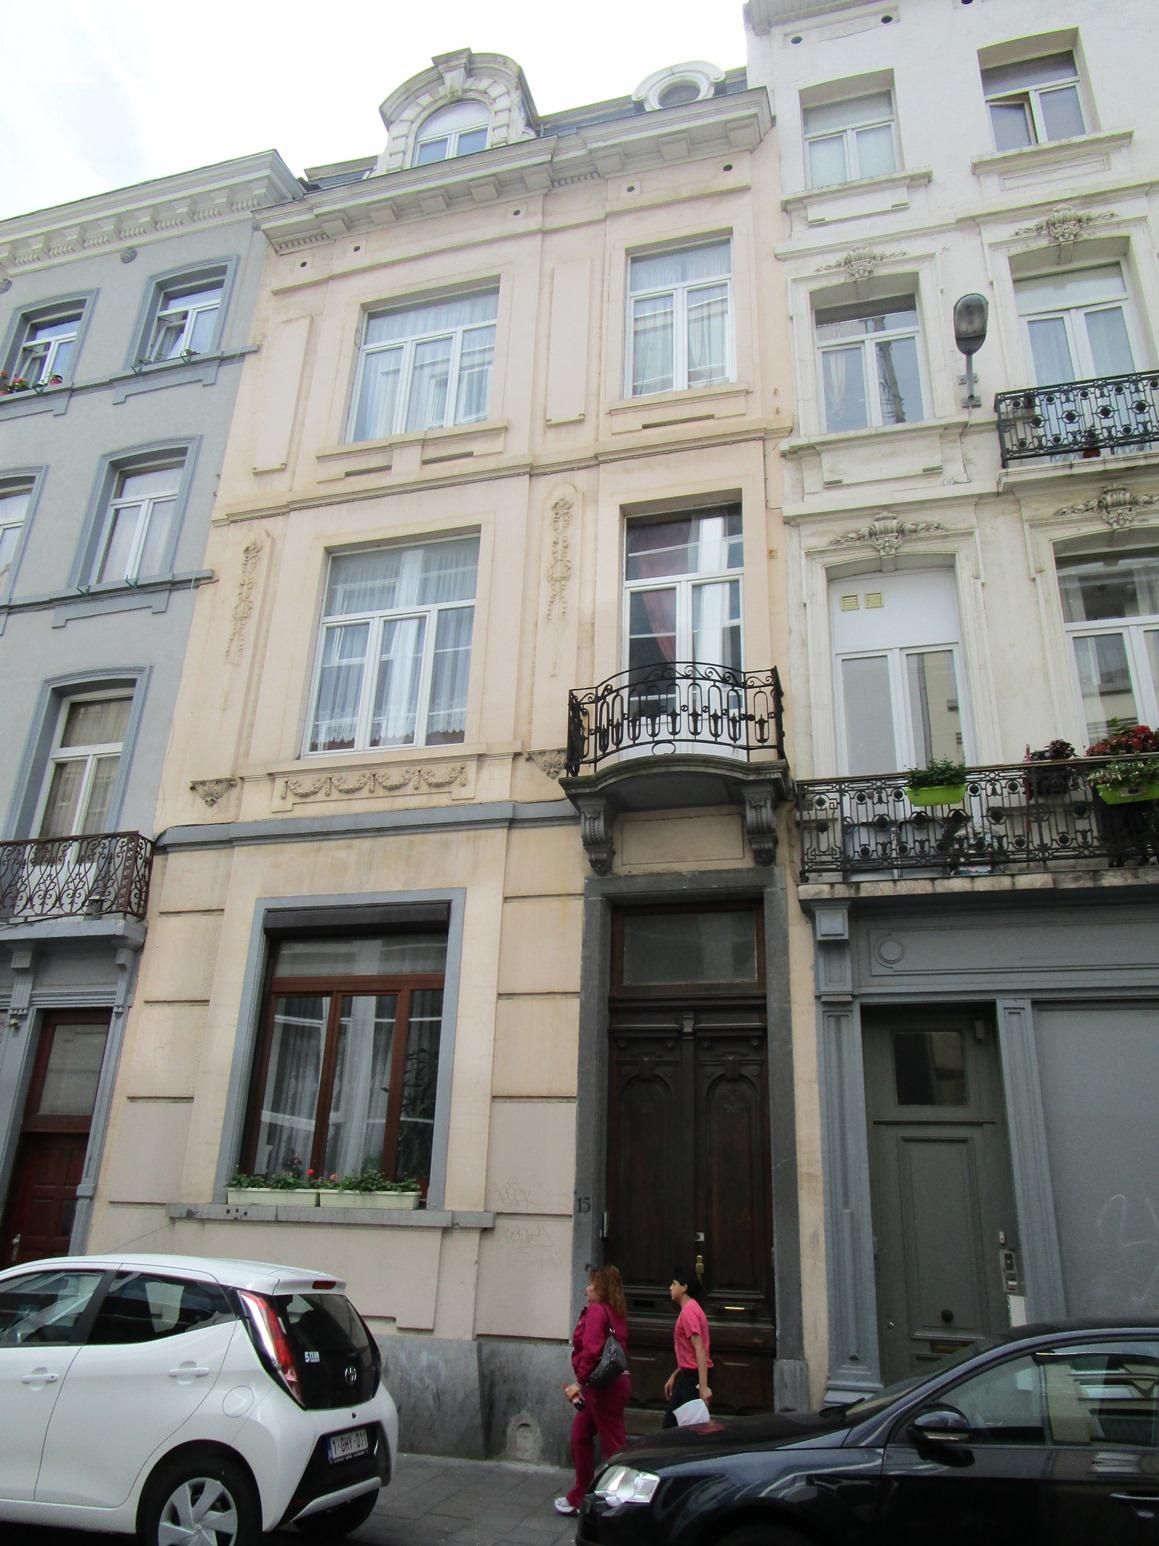 Rue de Tournai 15, 2015